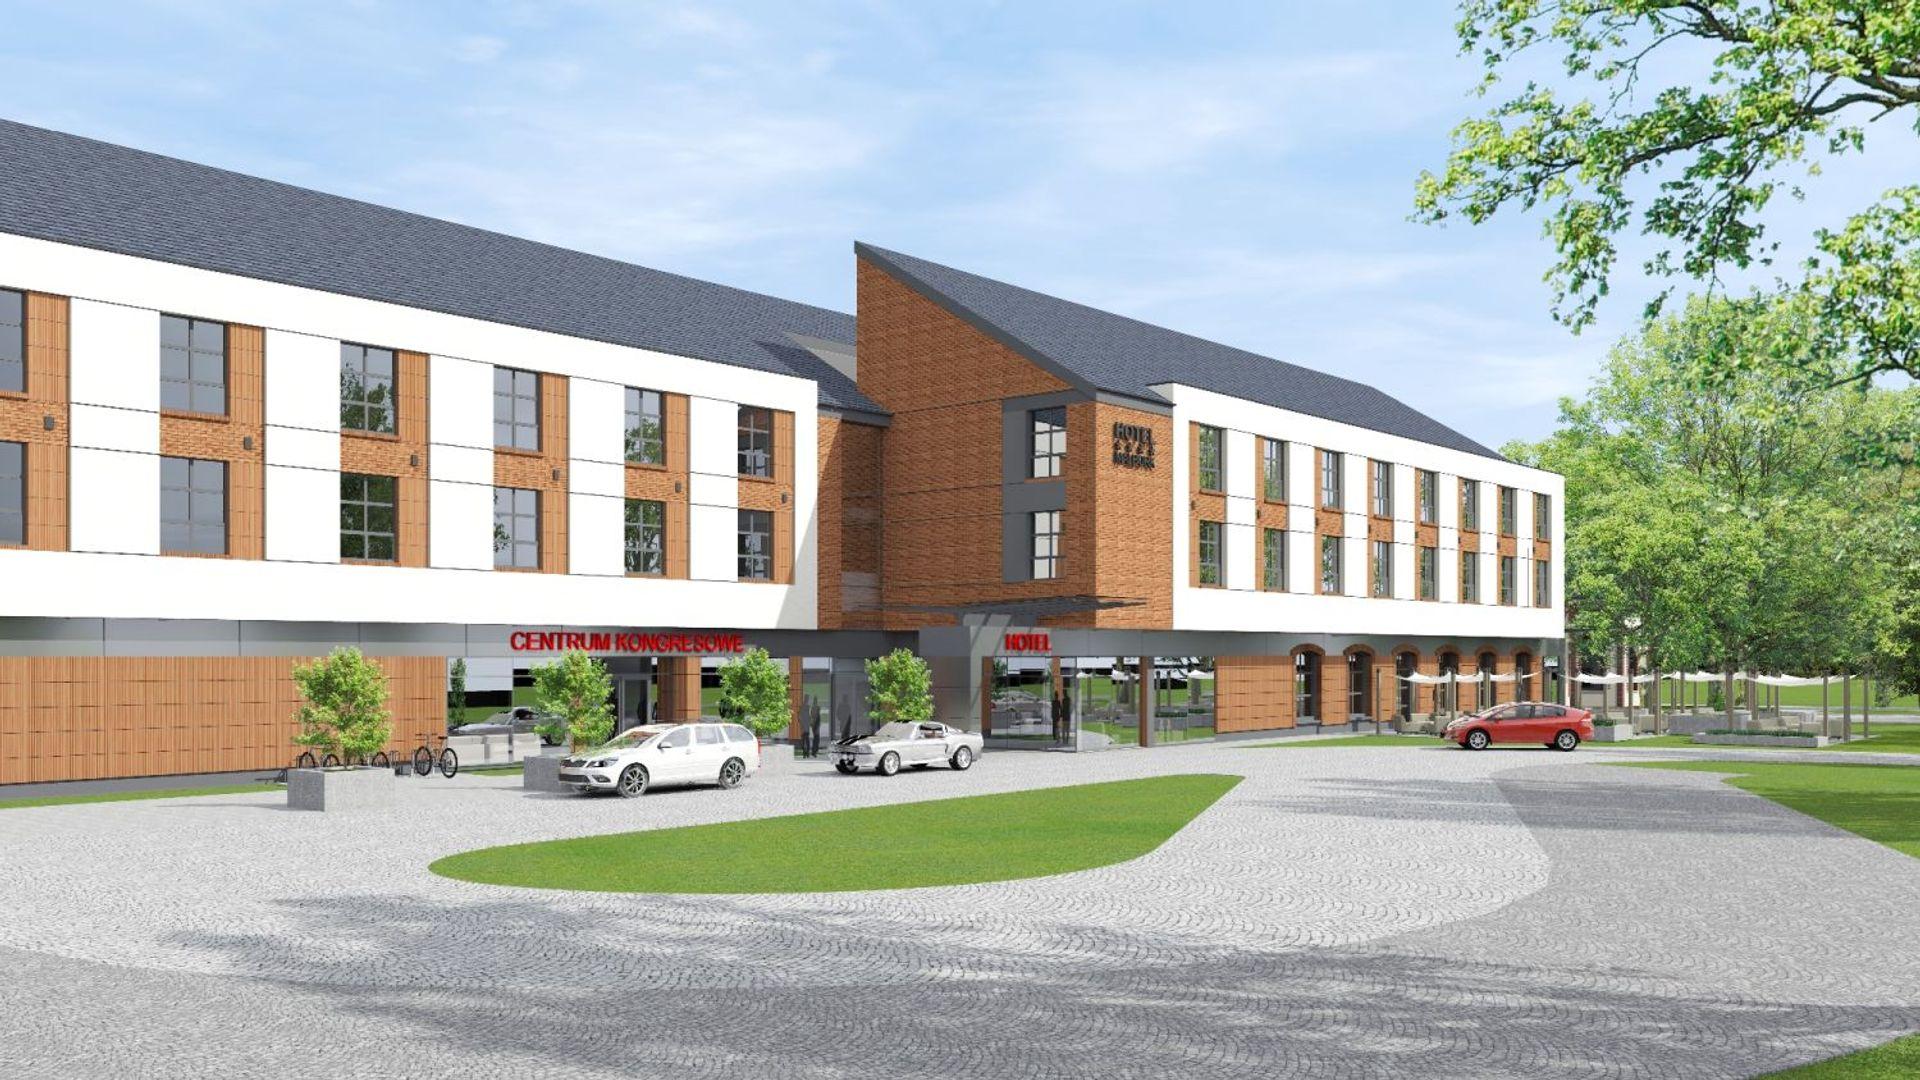 [pomorskie] Kompleks hotelowo-konferencyjny powstaje w Malborku